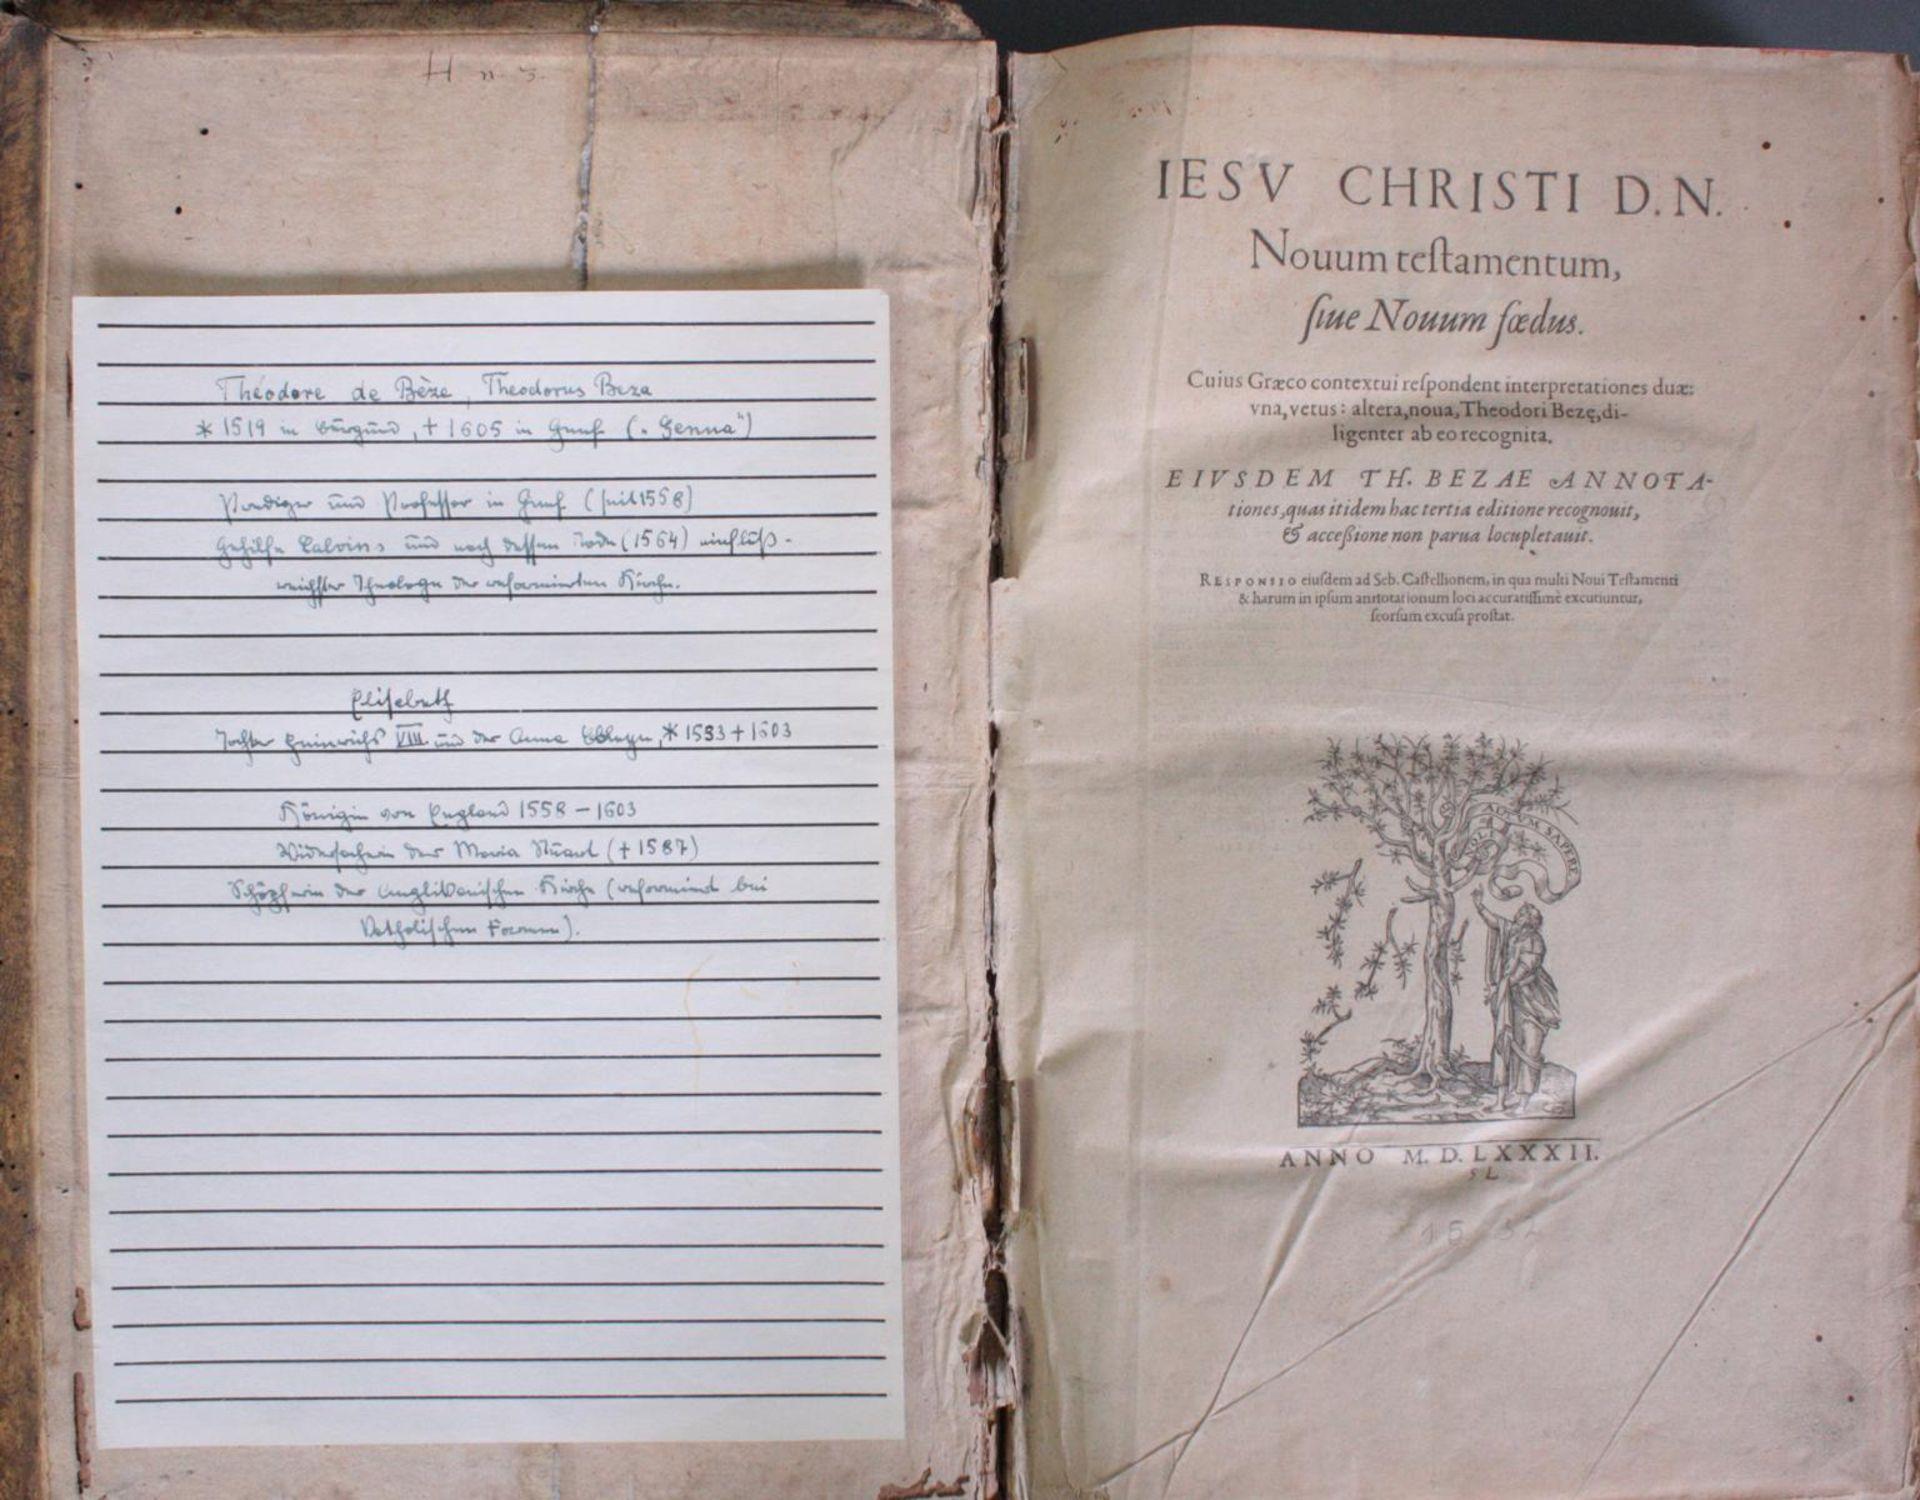 Griechische-Lateinische Bibel, Novum Testamentum 1582 - Bild 2 aus 23